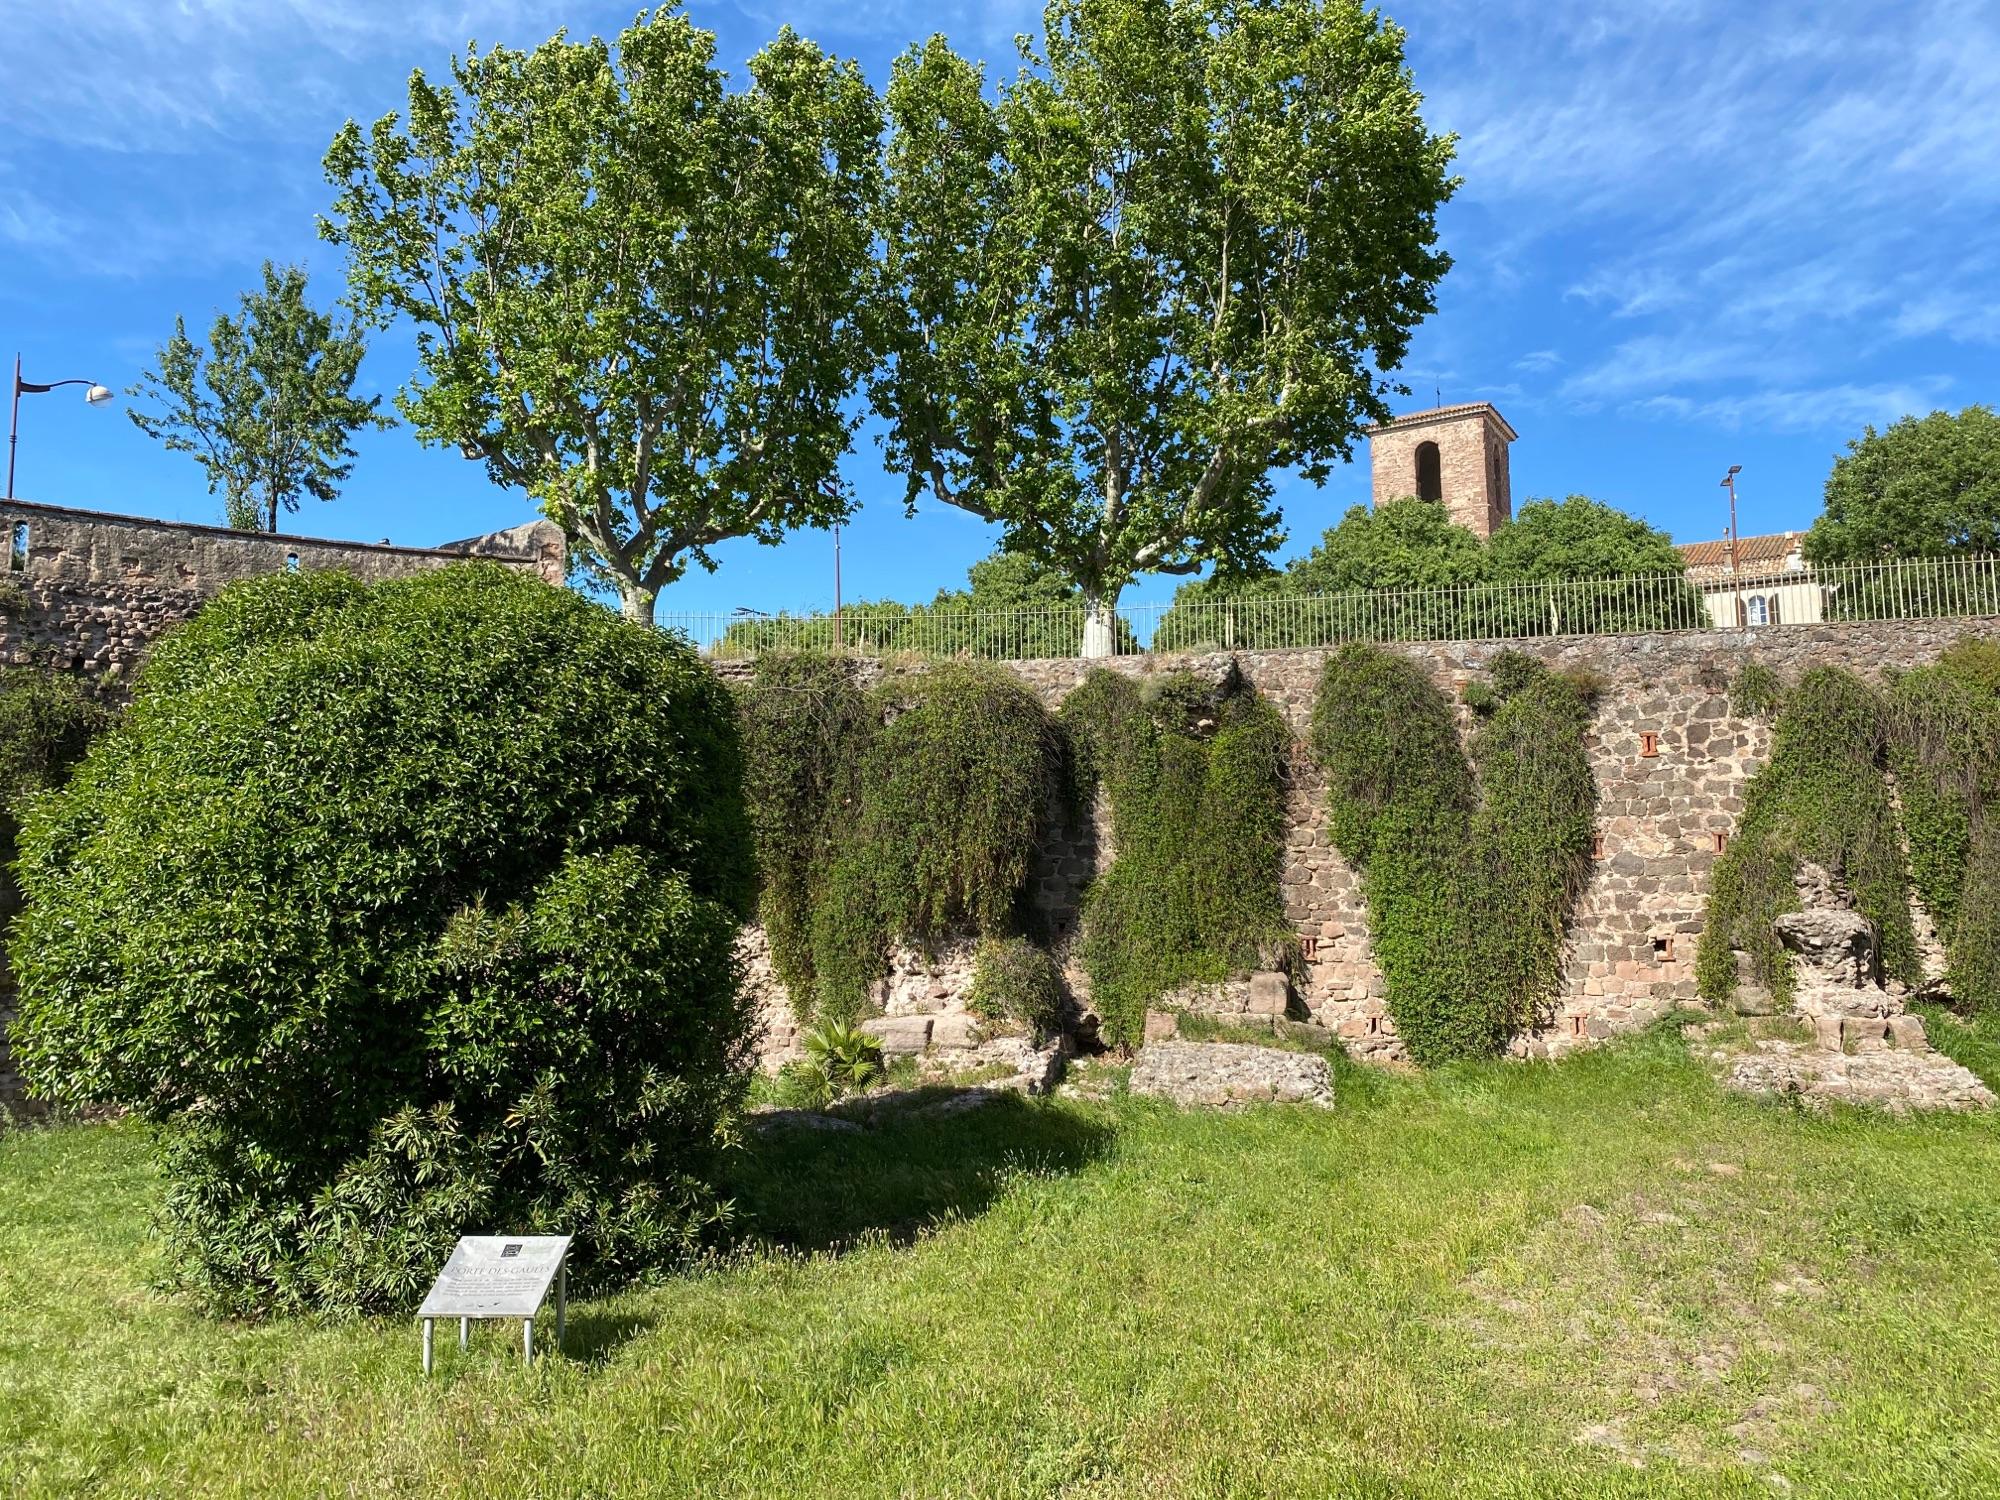 Стена укрепления галлов в городе Frejus, как новая, лет примерно 2000